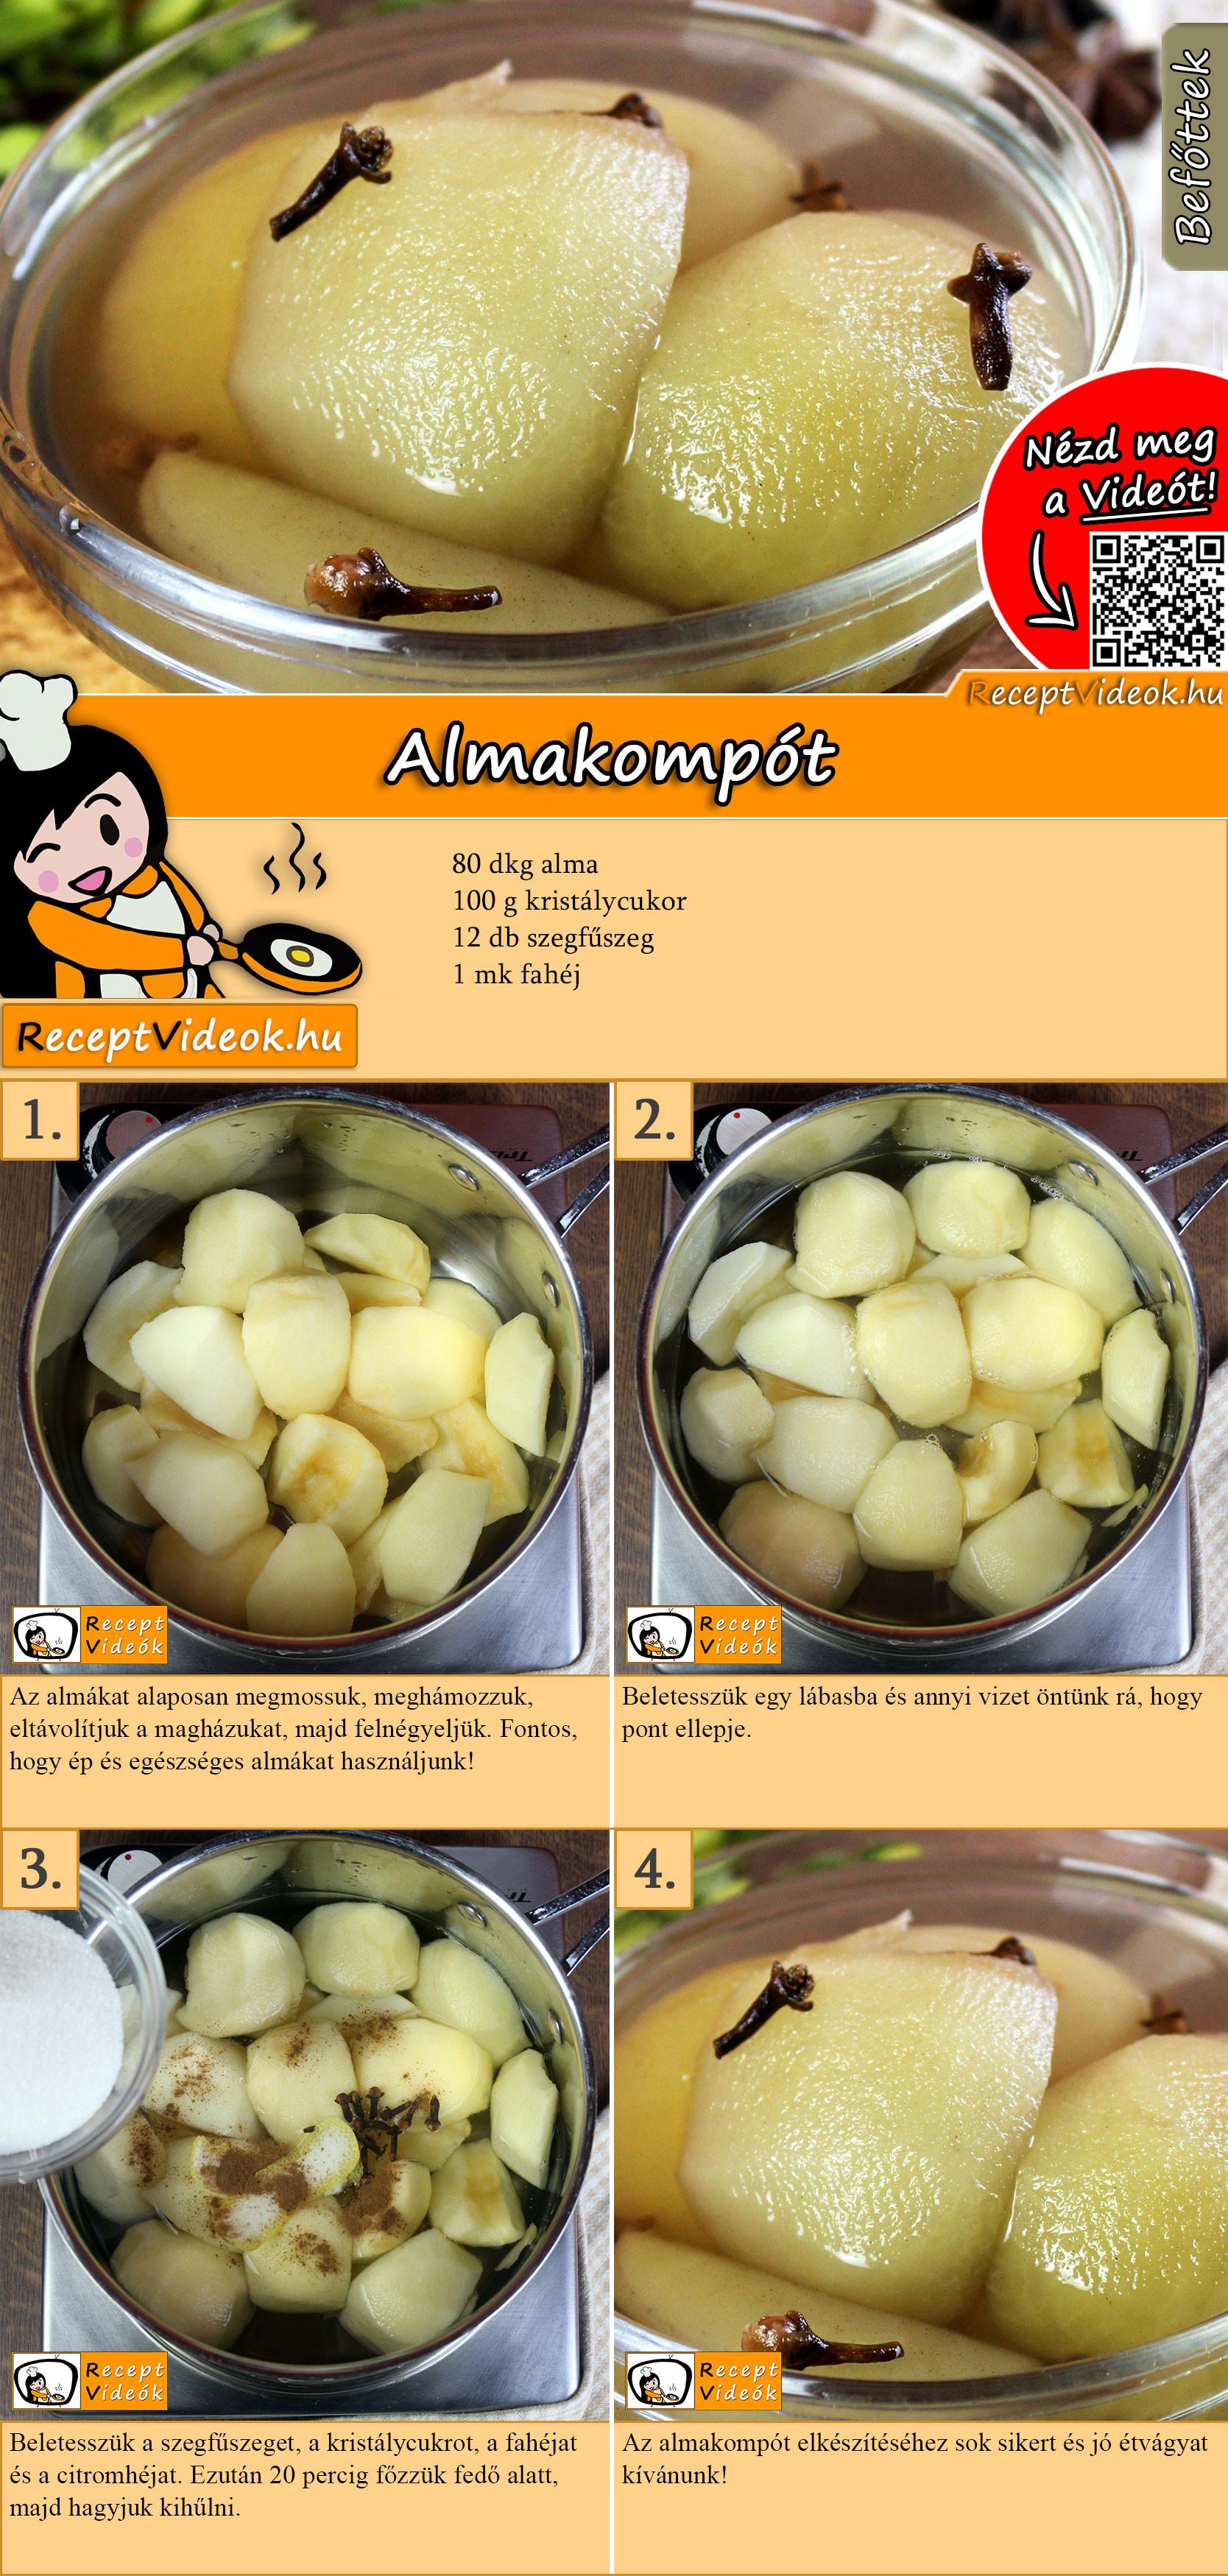 Almakompót recept elkészítése videóval